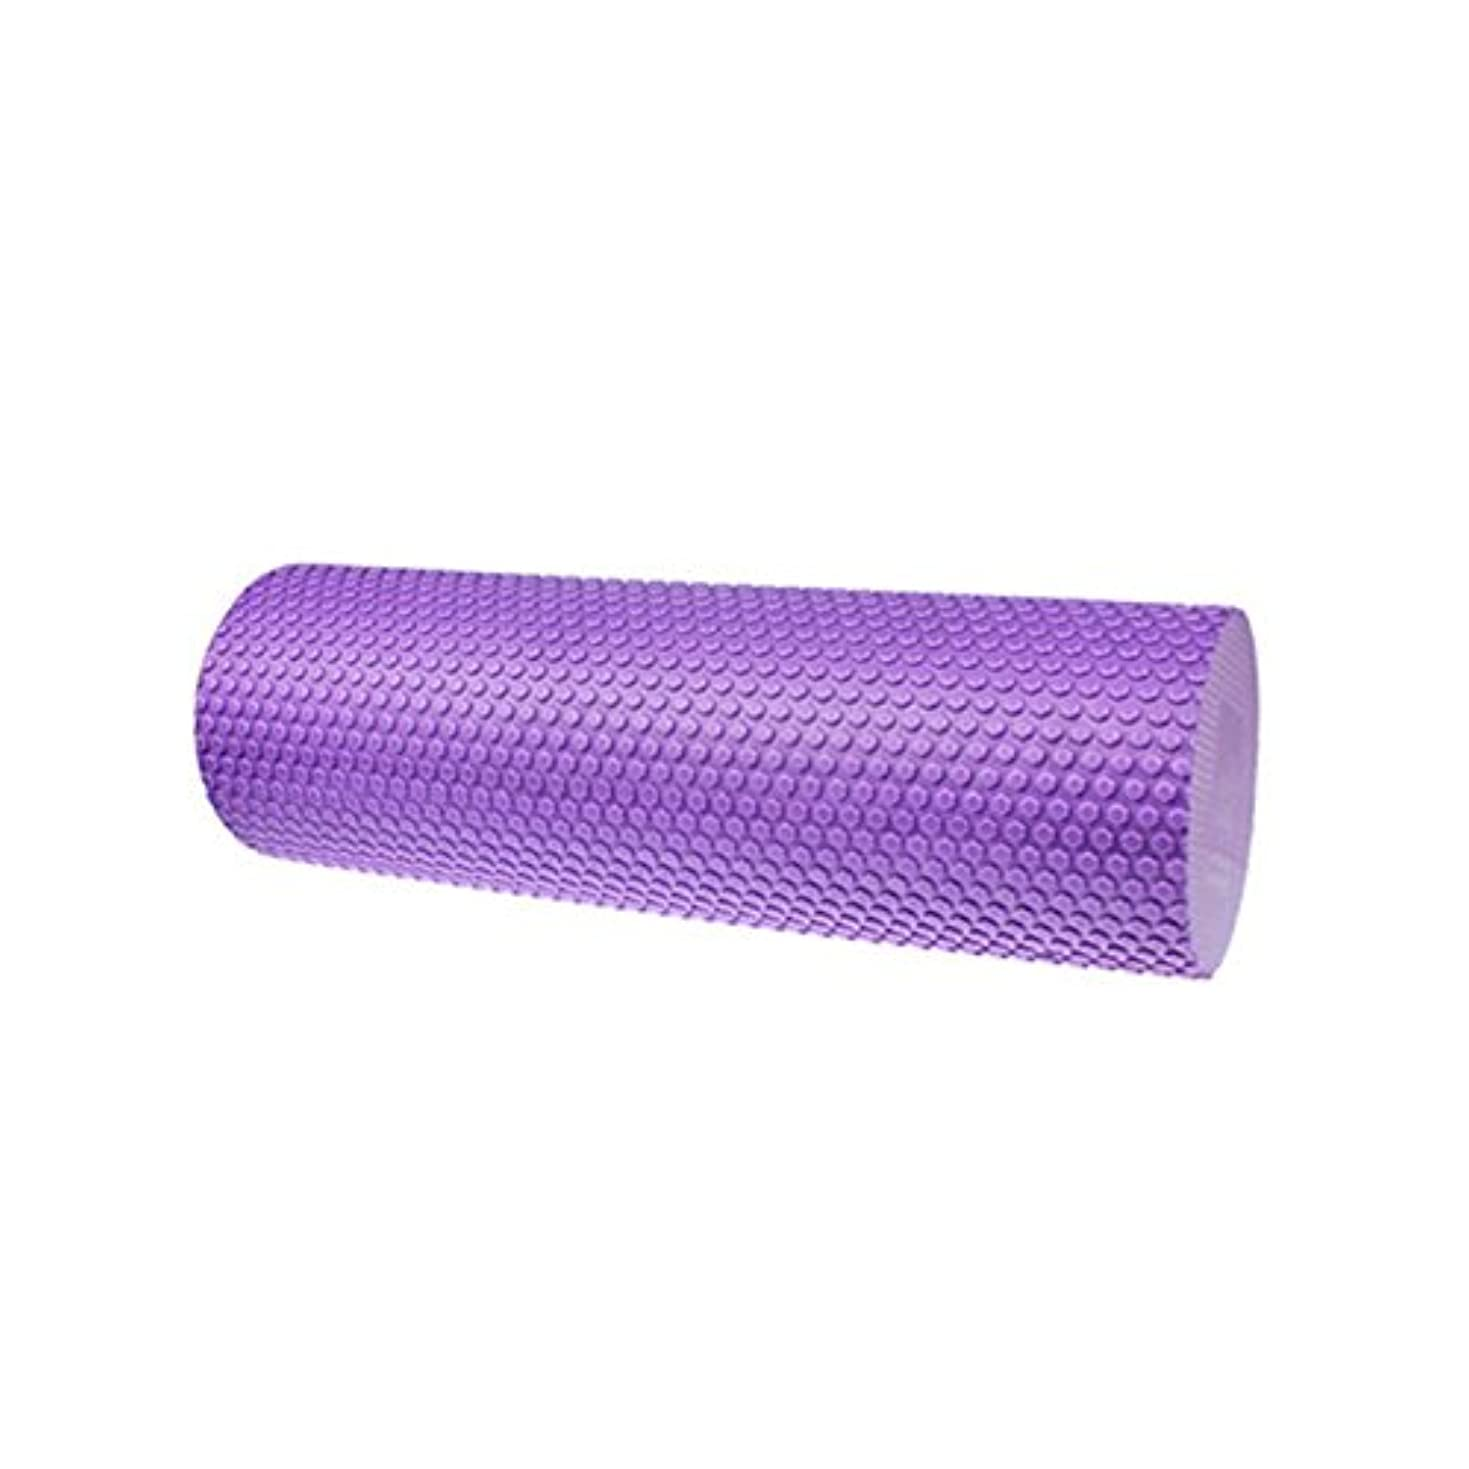 シンクチョーク仮定するフォームローラー グリッドフォームローラー 筋膜リリース ヨガポール ストレッチローラー ストリガーポイント フィットネス エクササイズ ダイエット ヨガ ピラティスに最適 腰痛 肩コリ 筋肉痛を改善